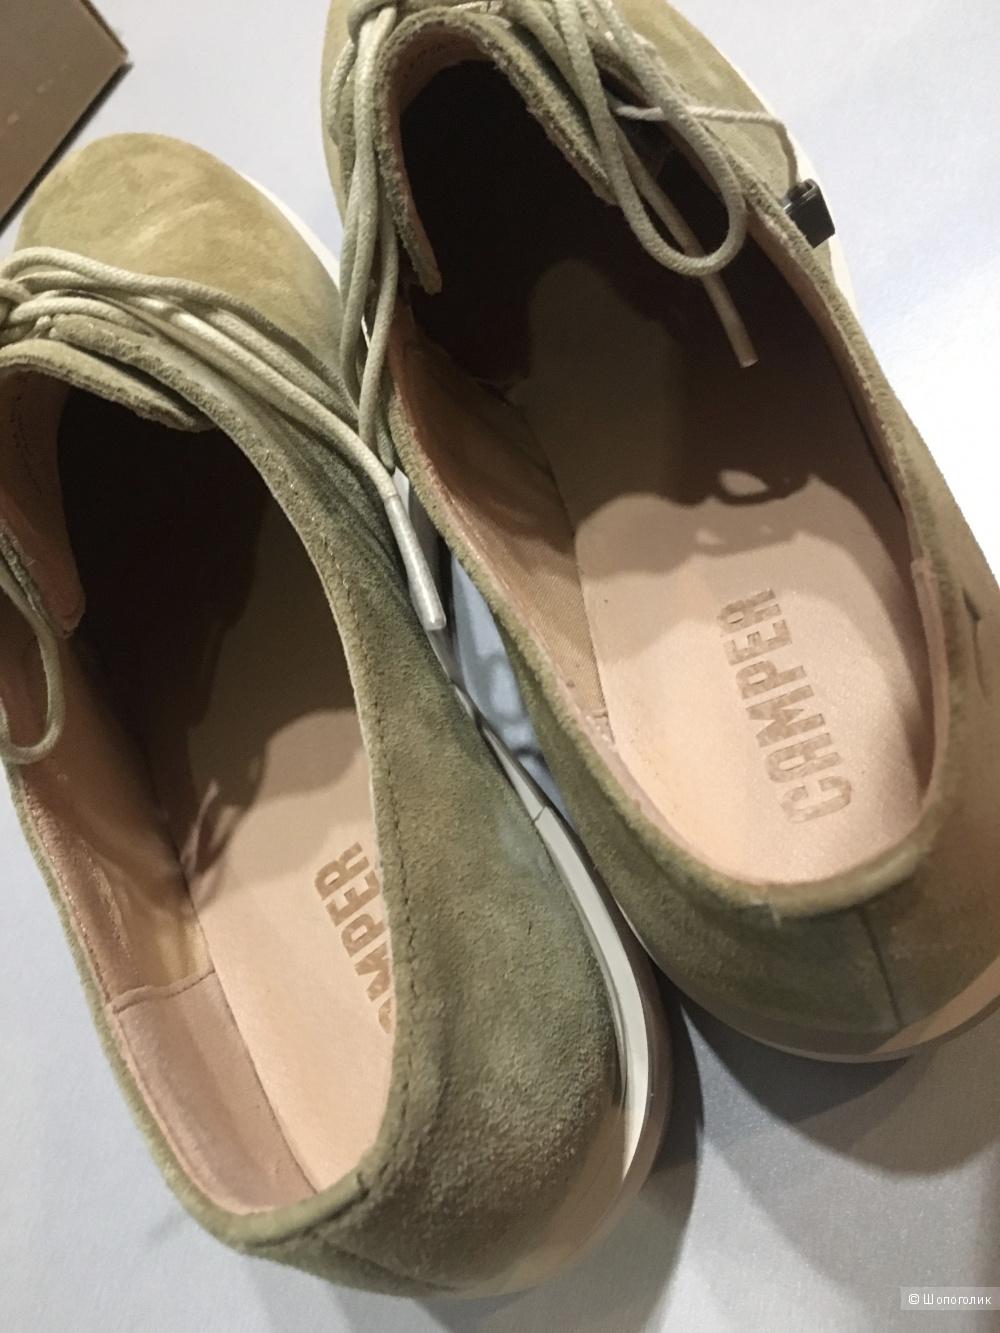 Туфли на шнурках CAMPER, 40 (Европейский Размер). По стельке 26 см